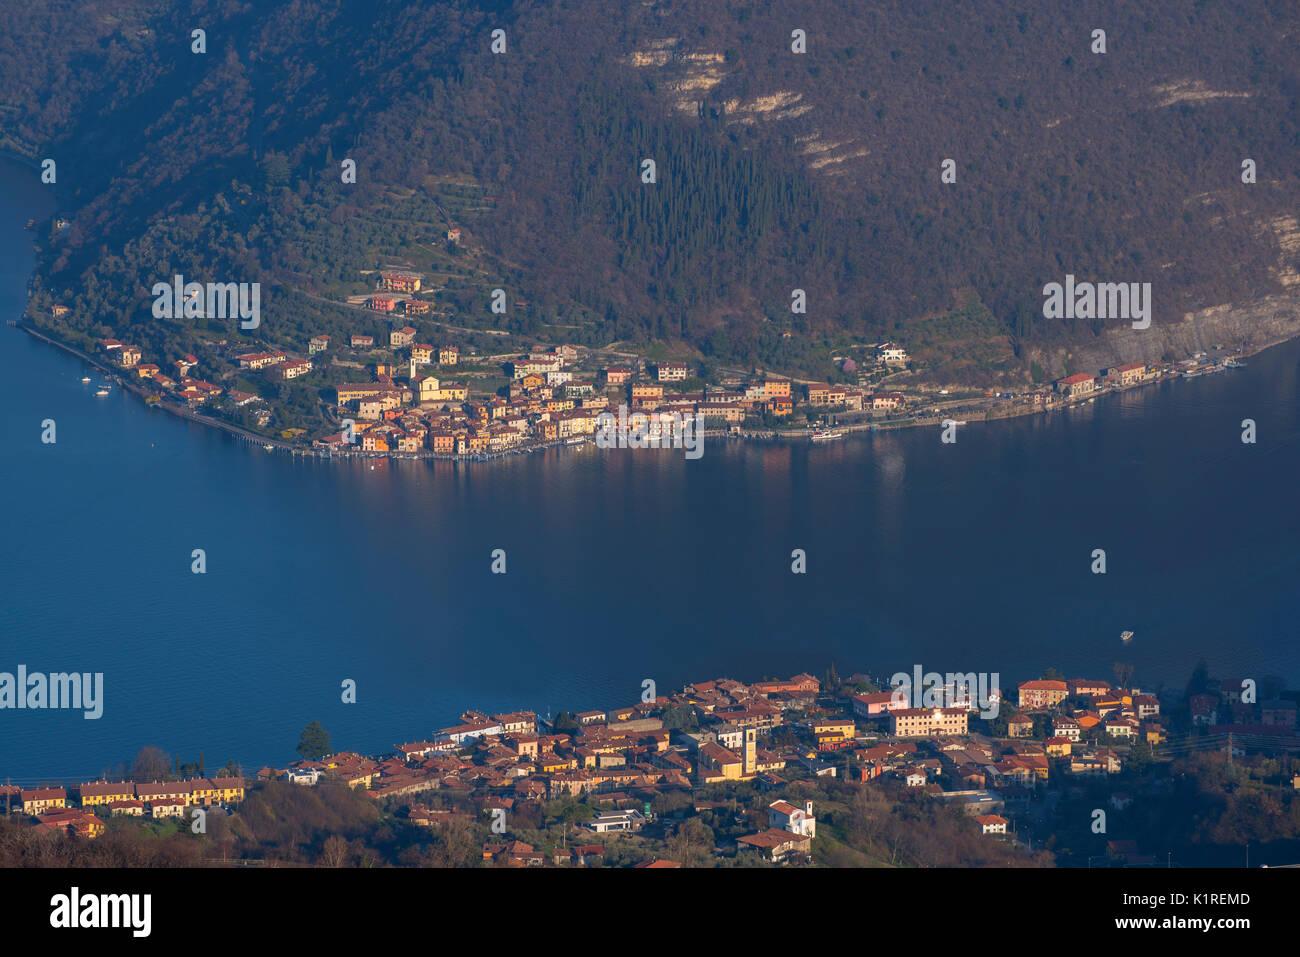 Peschiera Maraglio and Sulzano, province of Brescia, Italy. - Stock Image